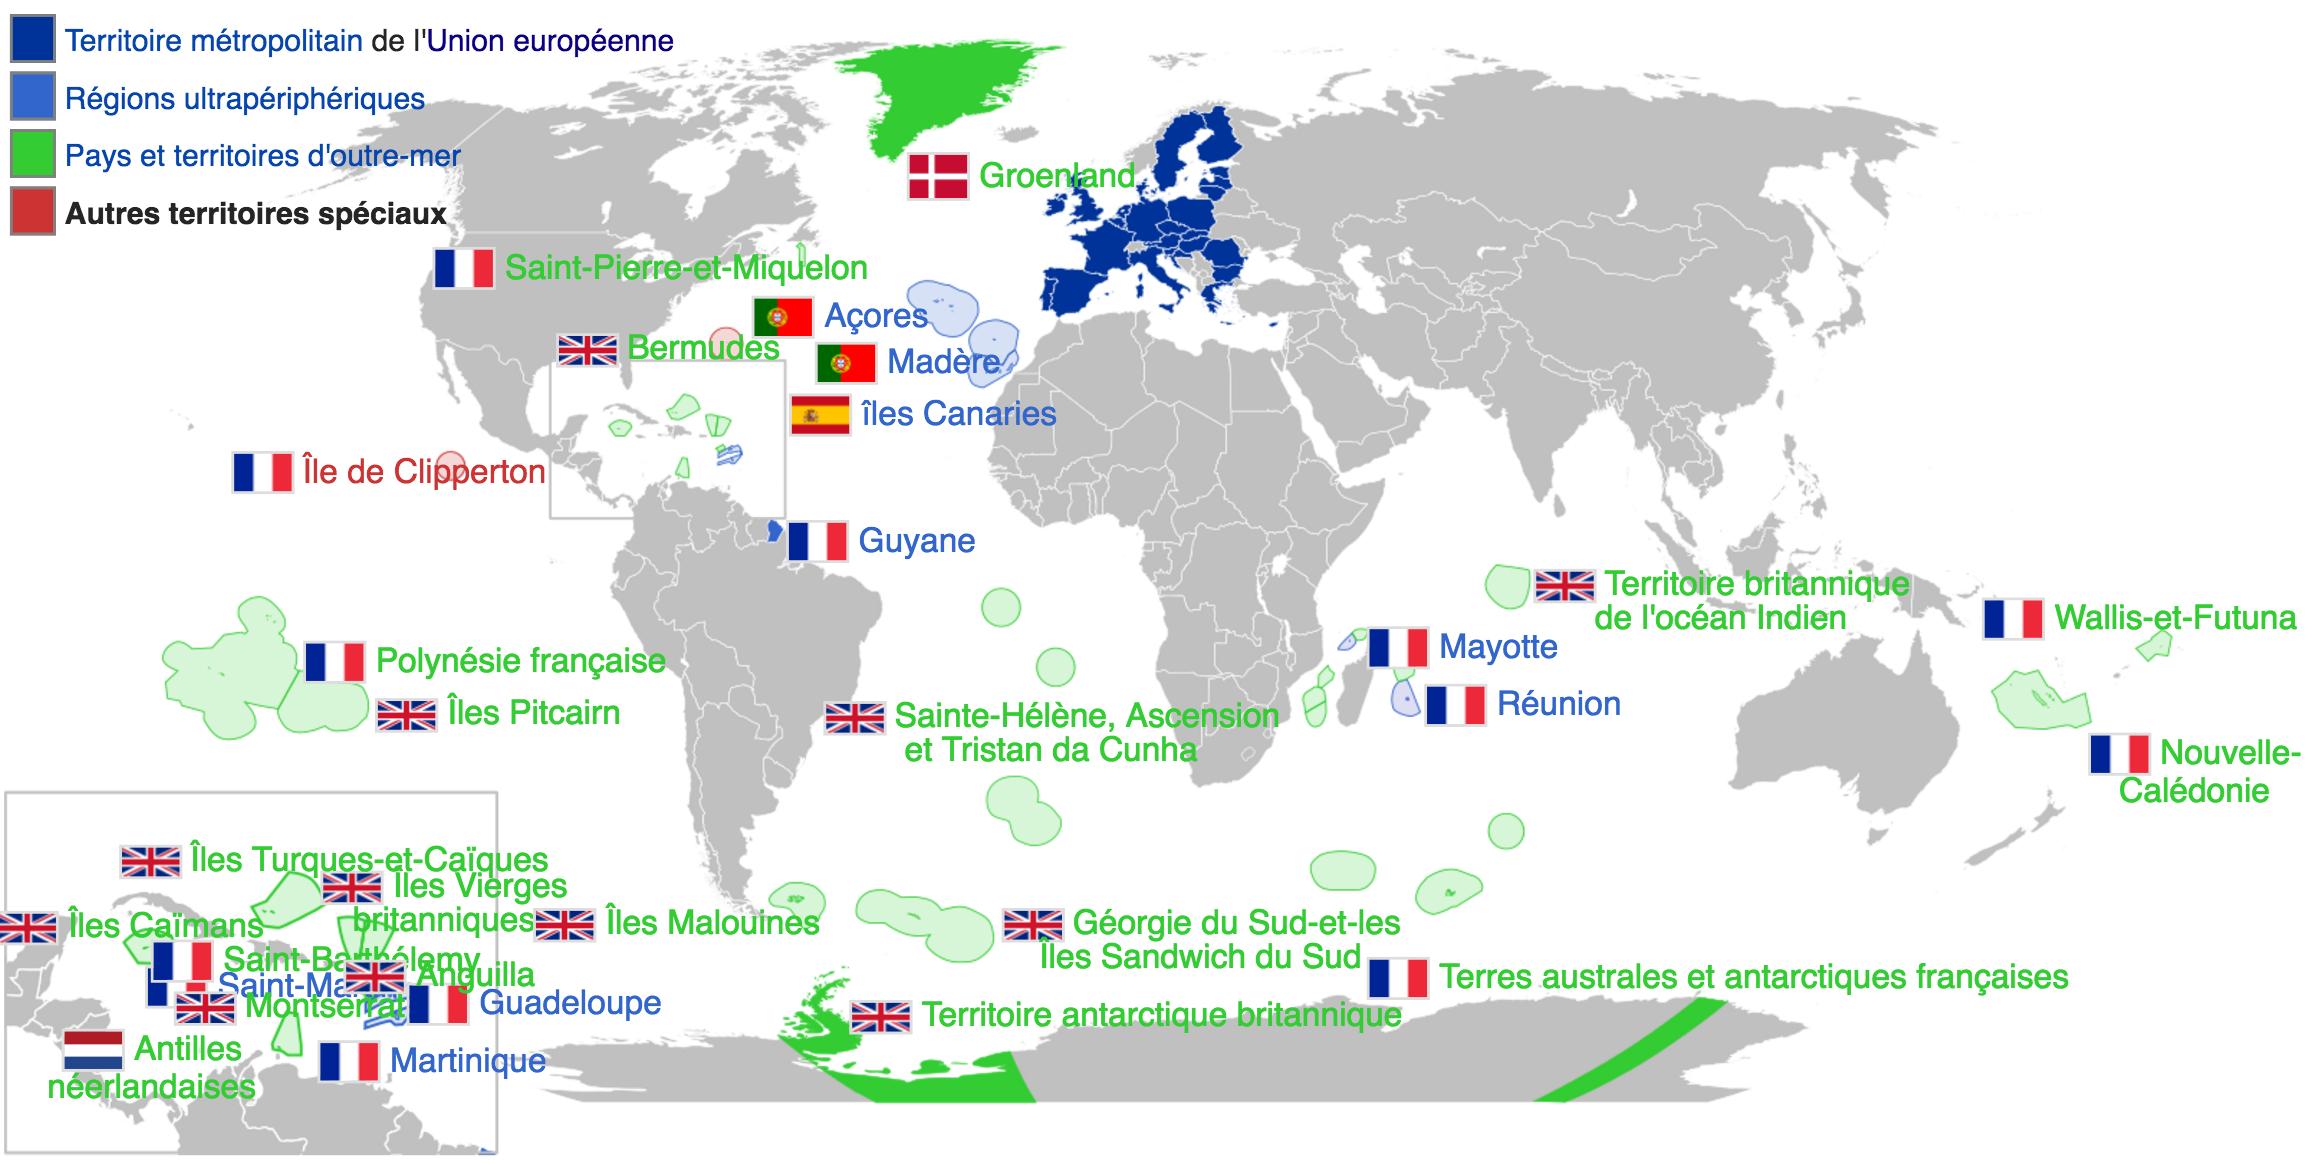 Union Européenne - Territoires Périphériques Associés encequiconcerne La Carte De L Union Européenne